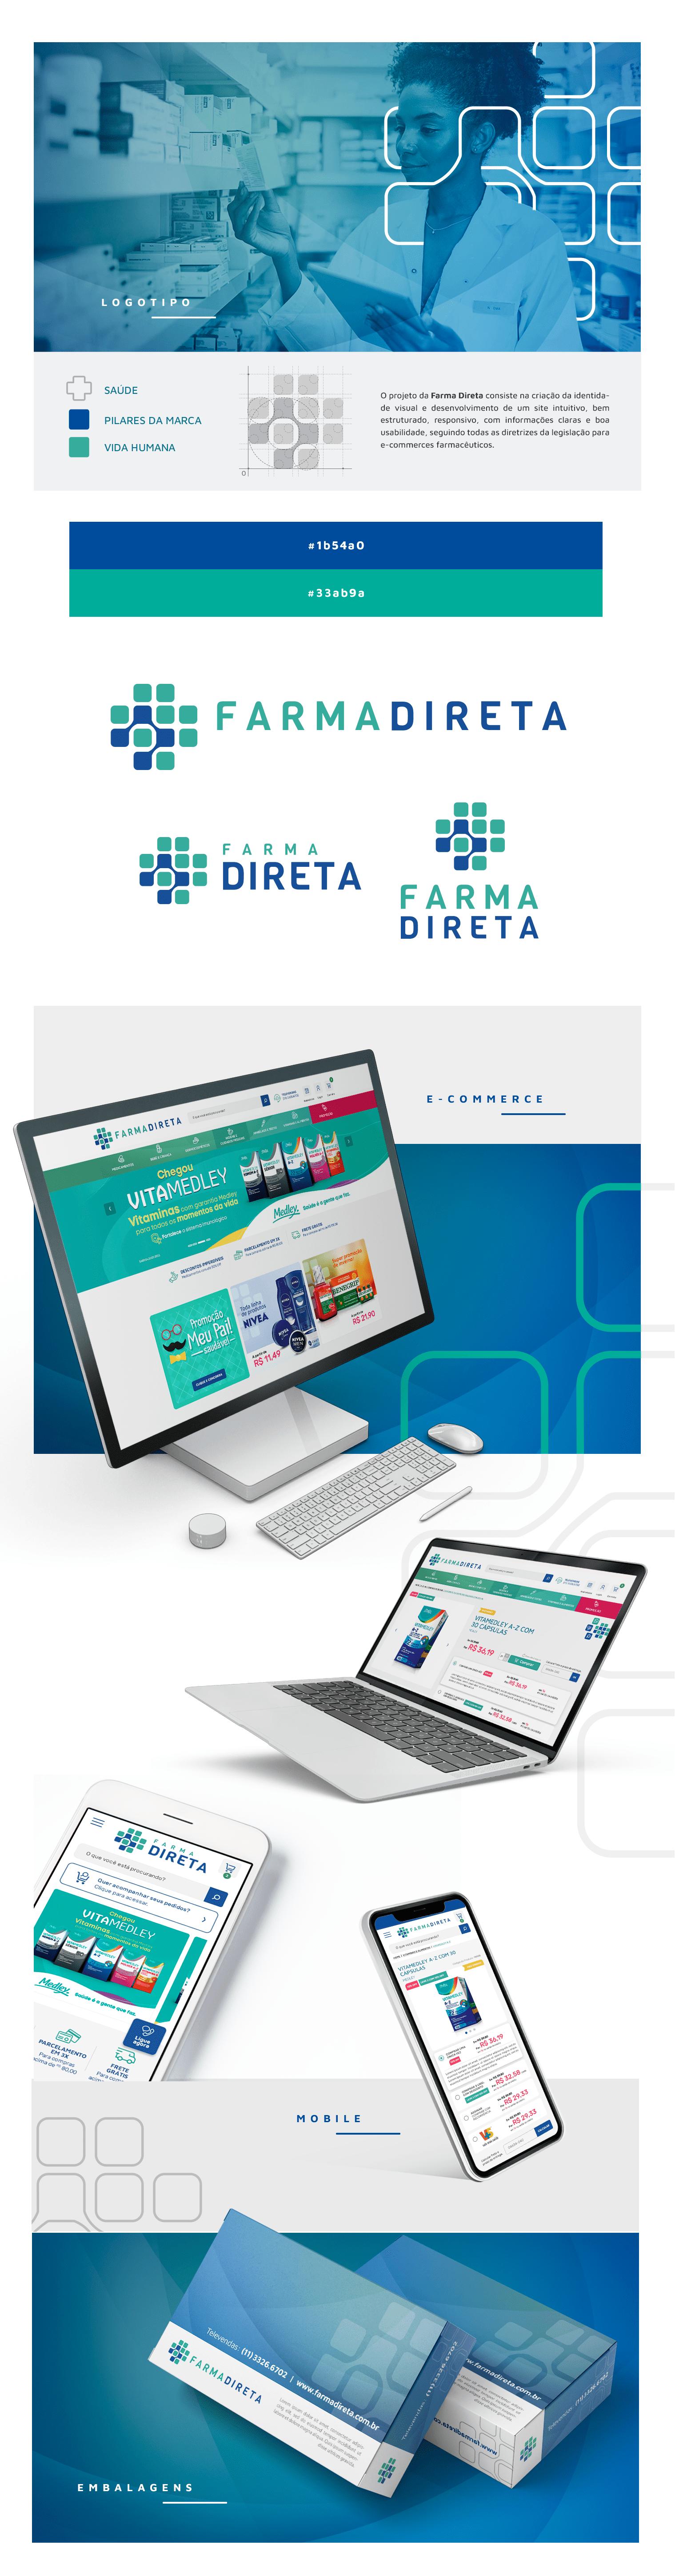 E-commerce – Farma Direta – Portfólio Degrau Publicidade e Internet